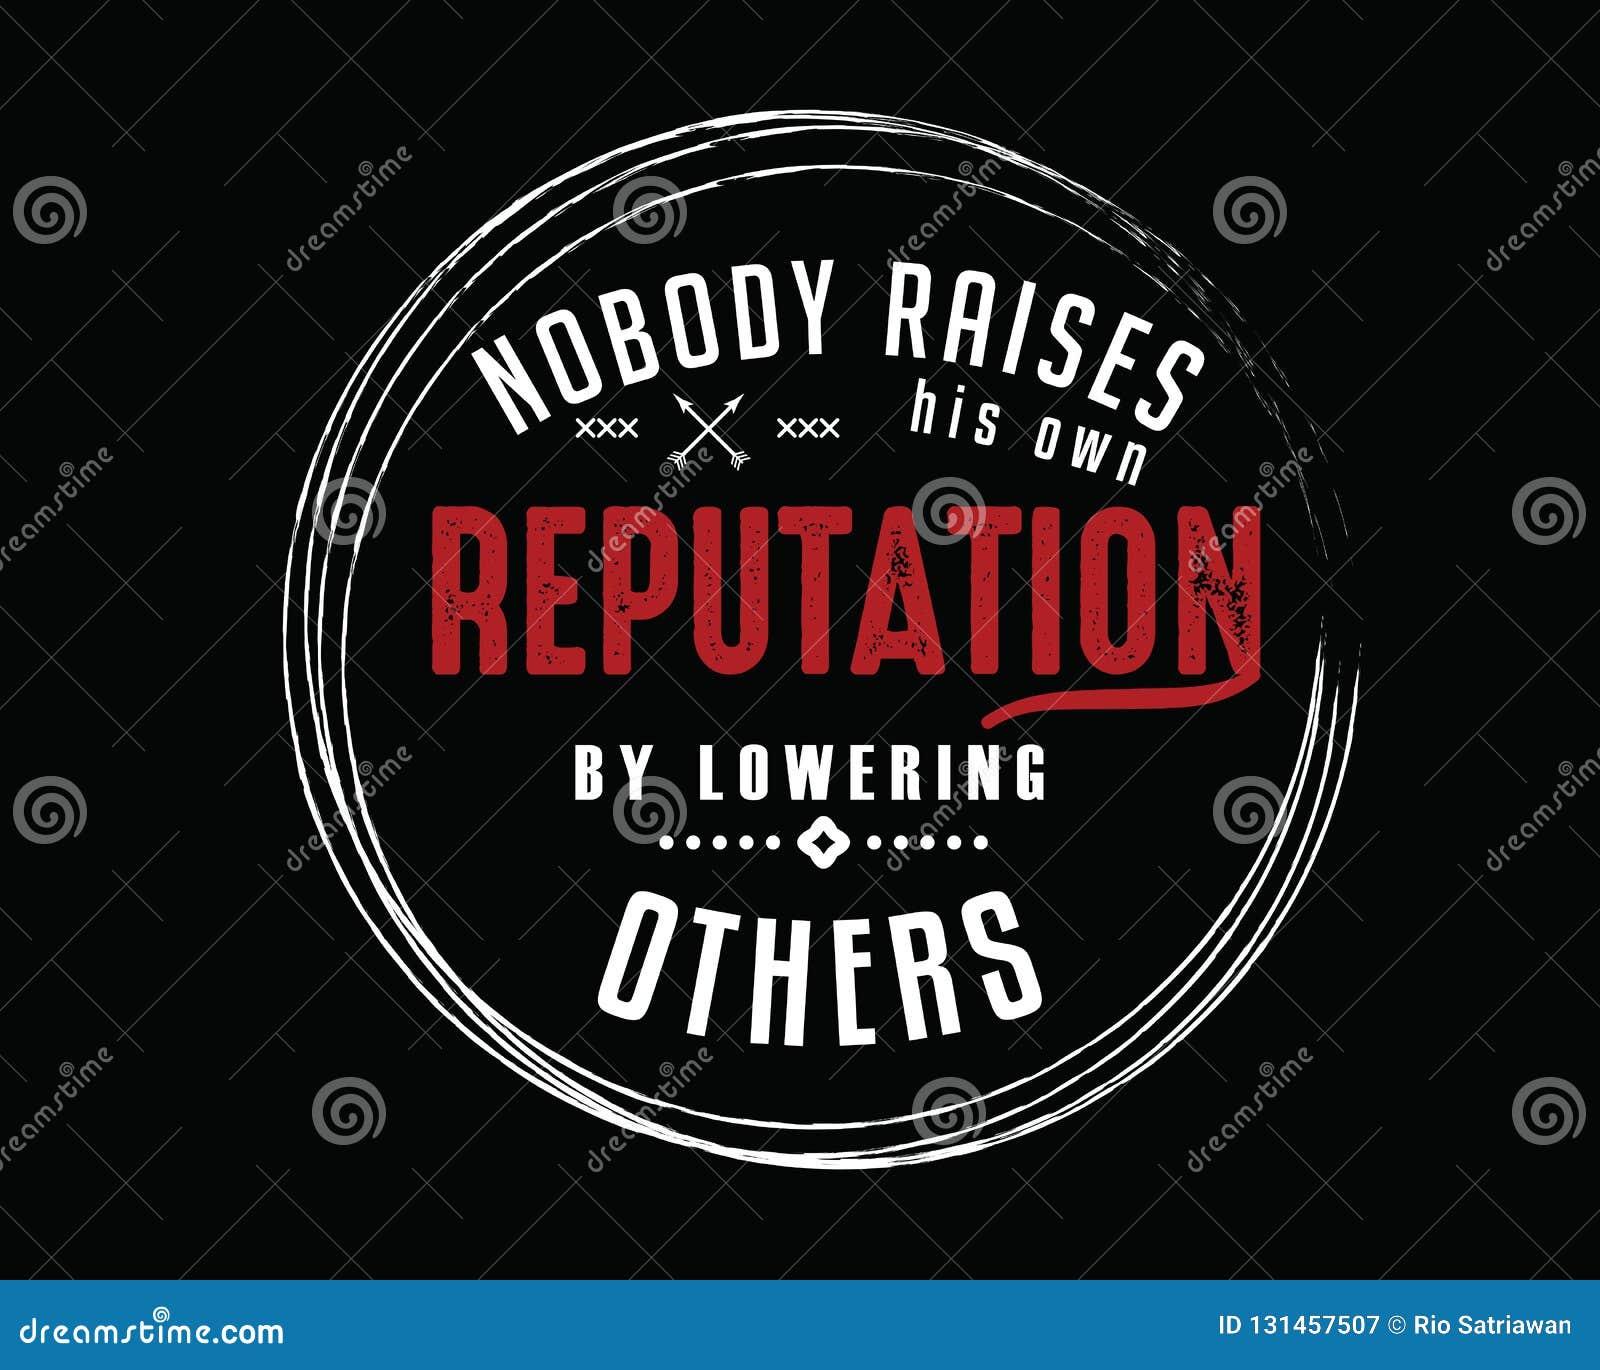 Personne ne soulève sa propre réputation en abaissant d autres